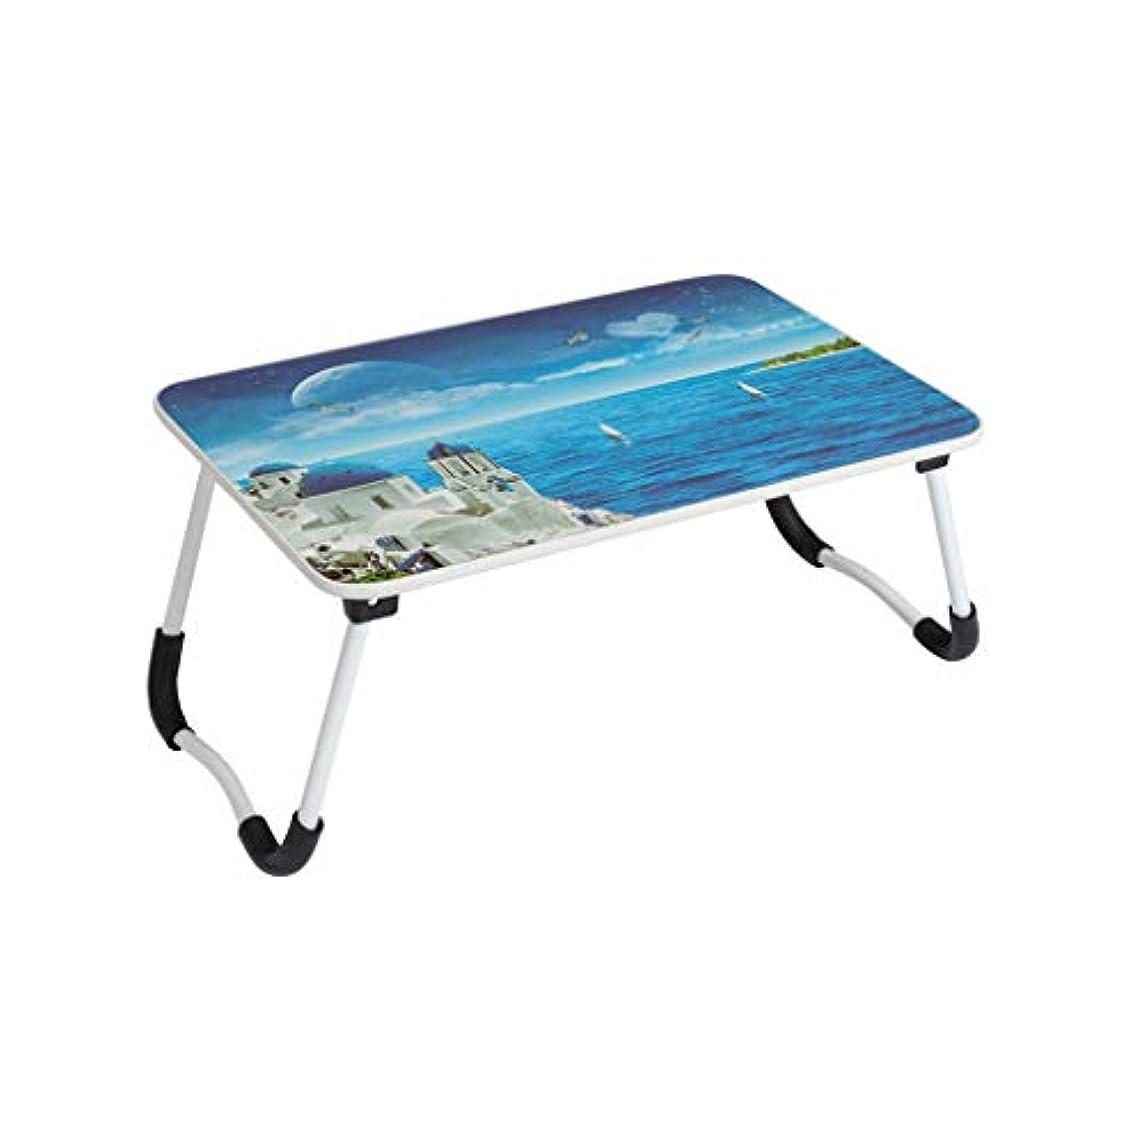 令状三番赤外線LIRIDP 折りたたみ式テーブルラップトップテーブル滑り止め脚折りたたみ式テーブルポータブルピクニックテーブル怠惰なベッドの机コンピュータデスク58.5cm×40.5cm×27.5cm (パターン : B)